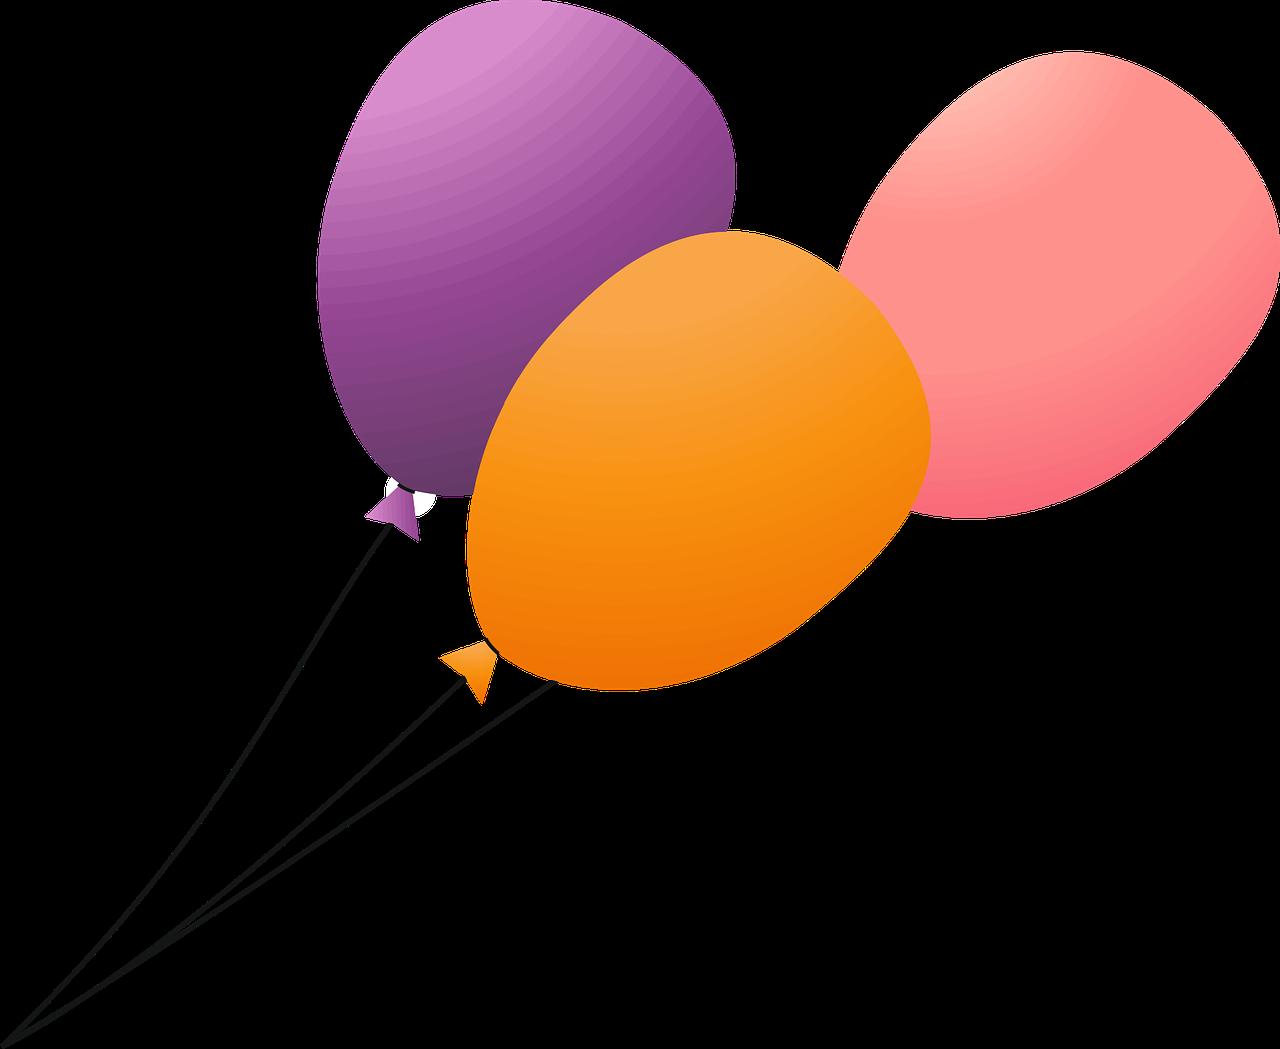 balloon-1293354_1280